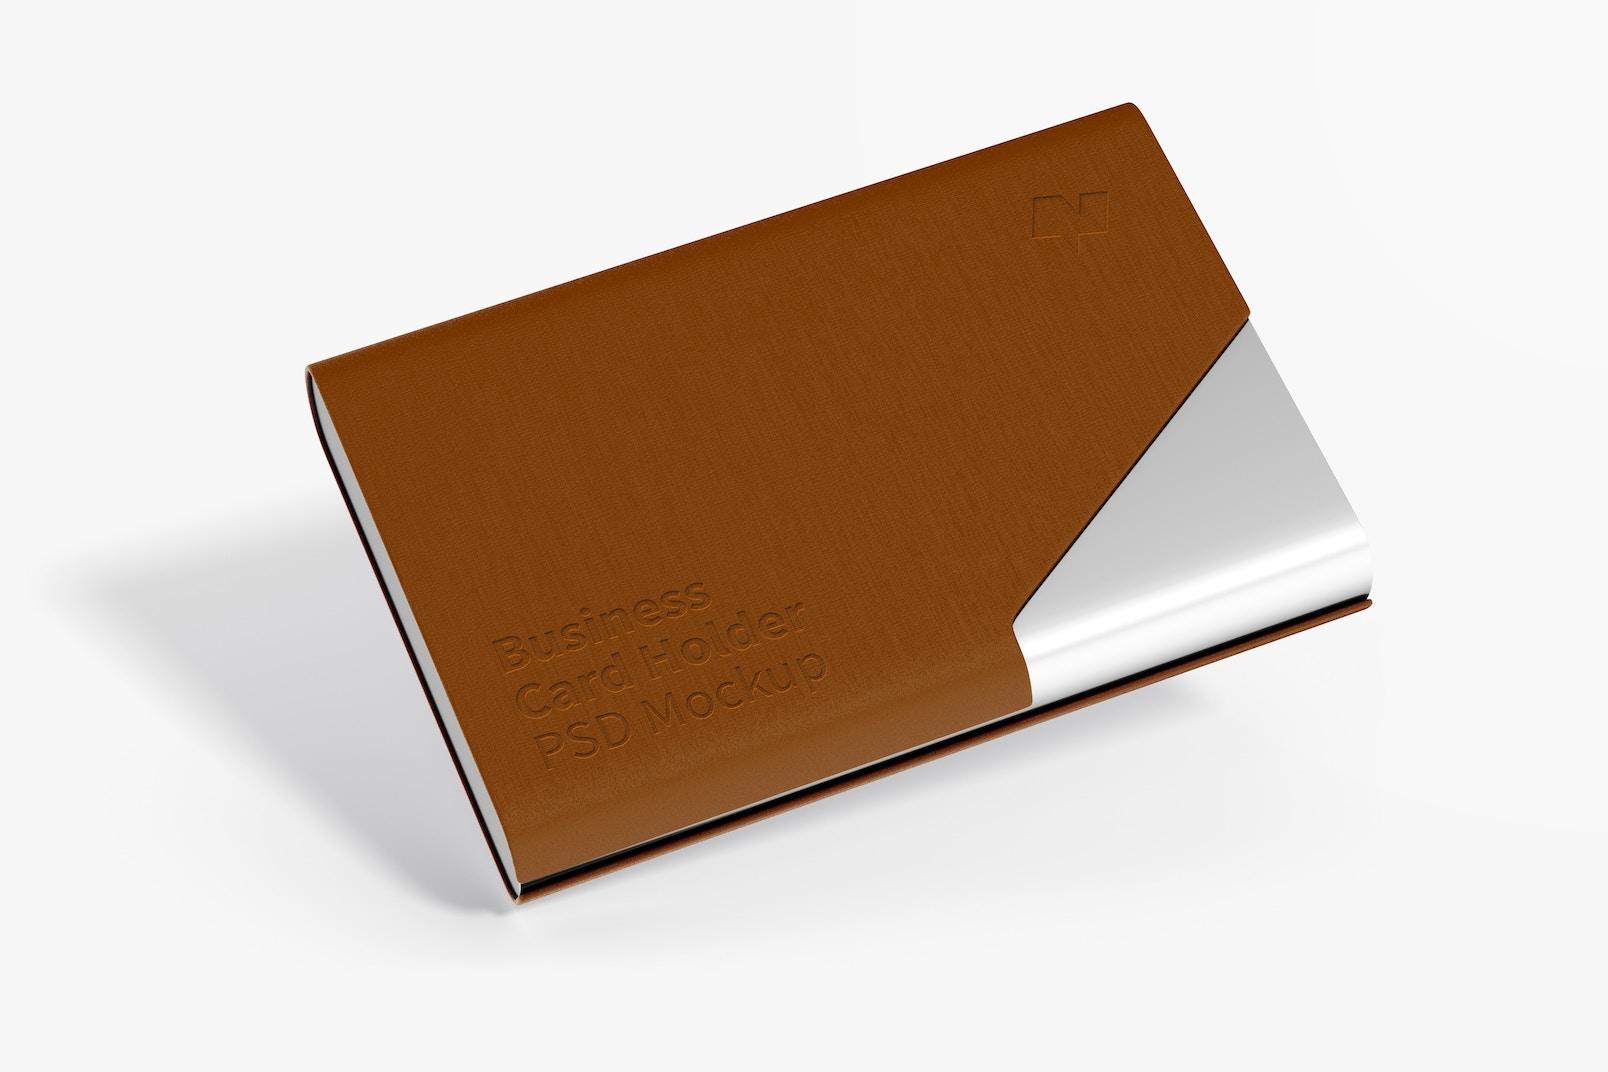 Business Card Holder Mockup, Floating